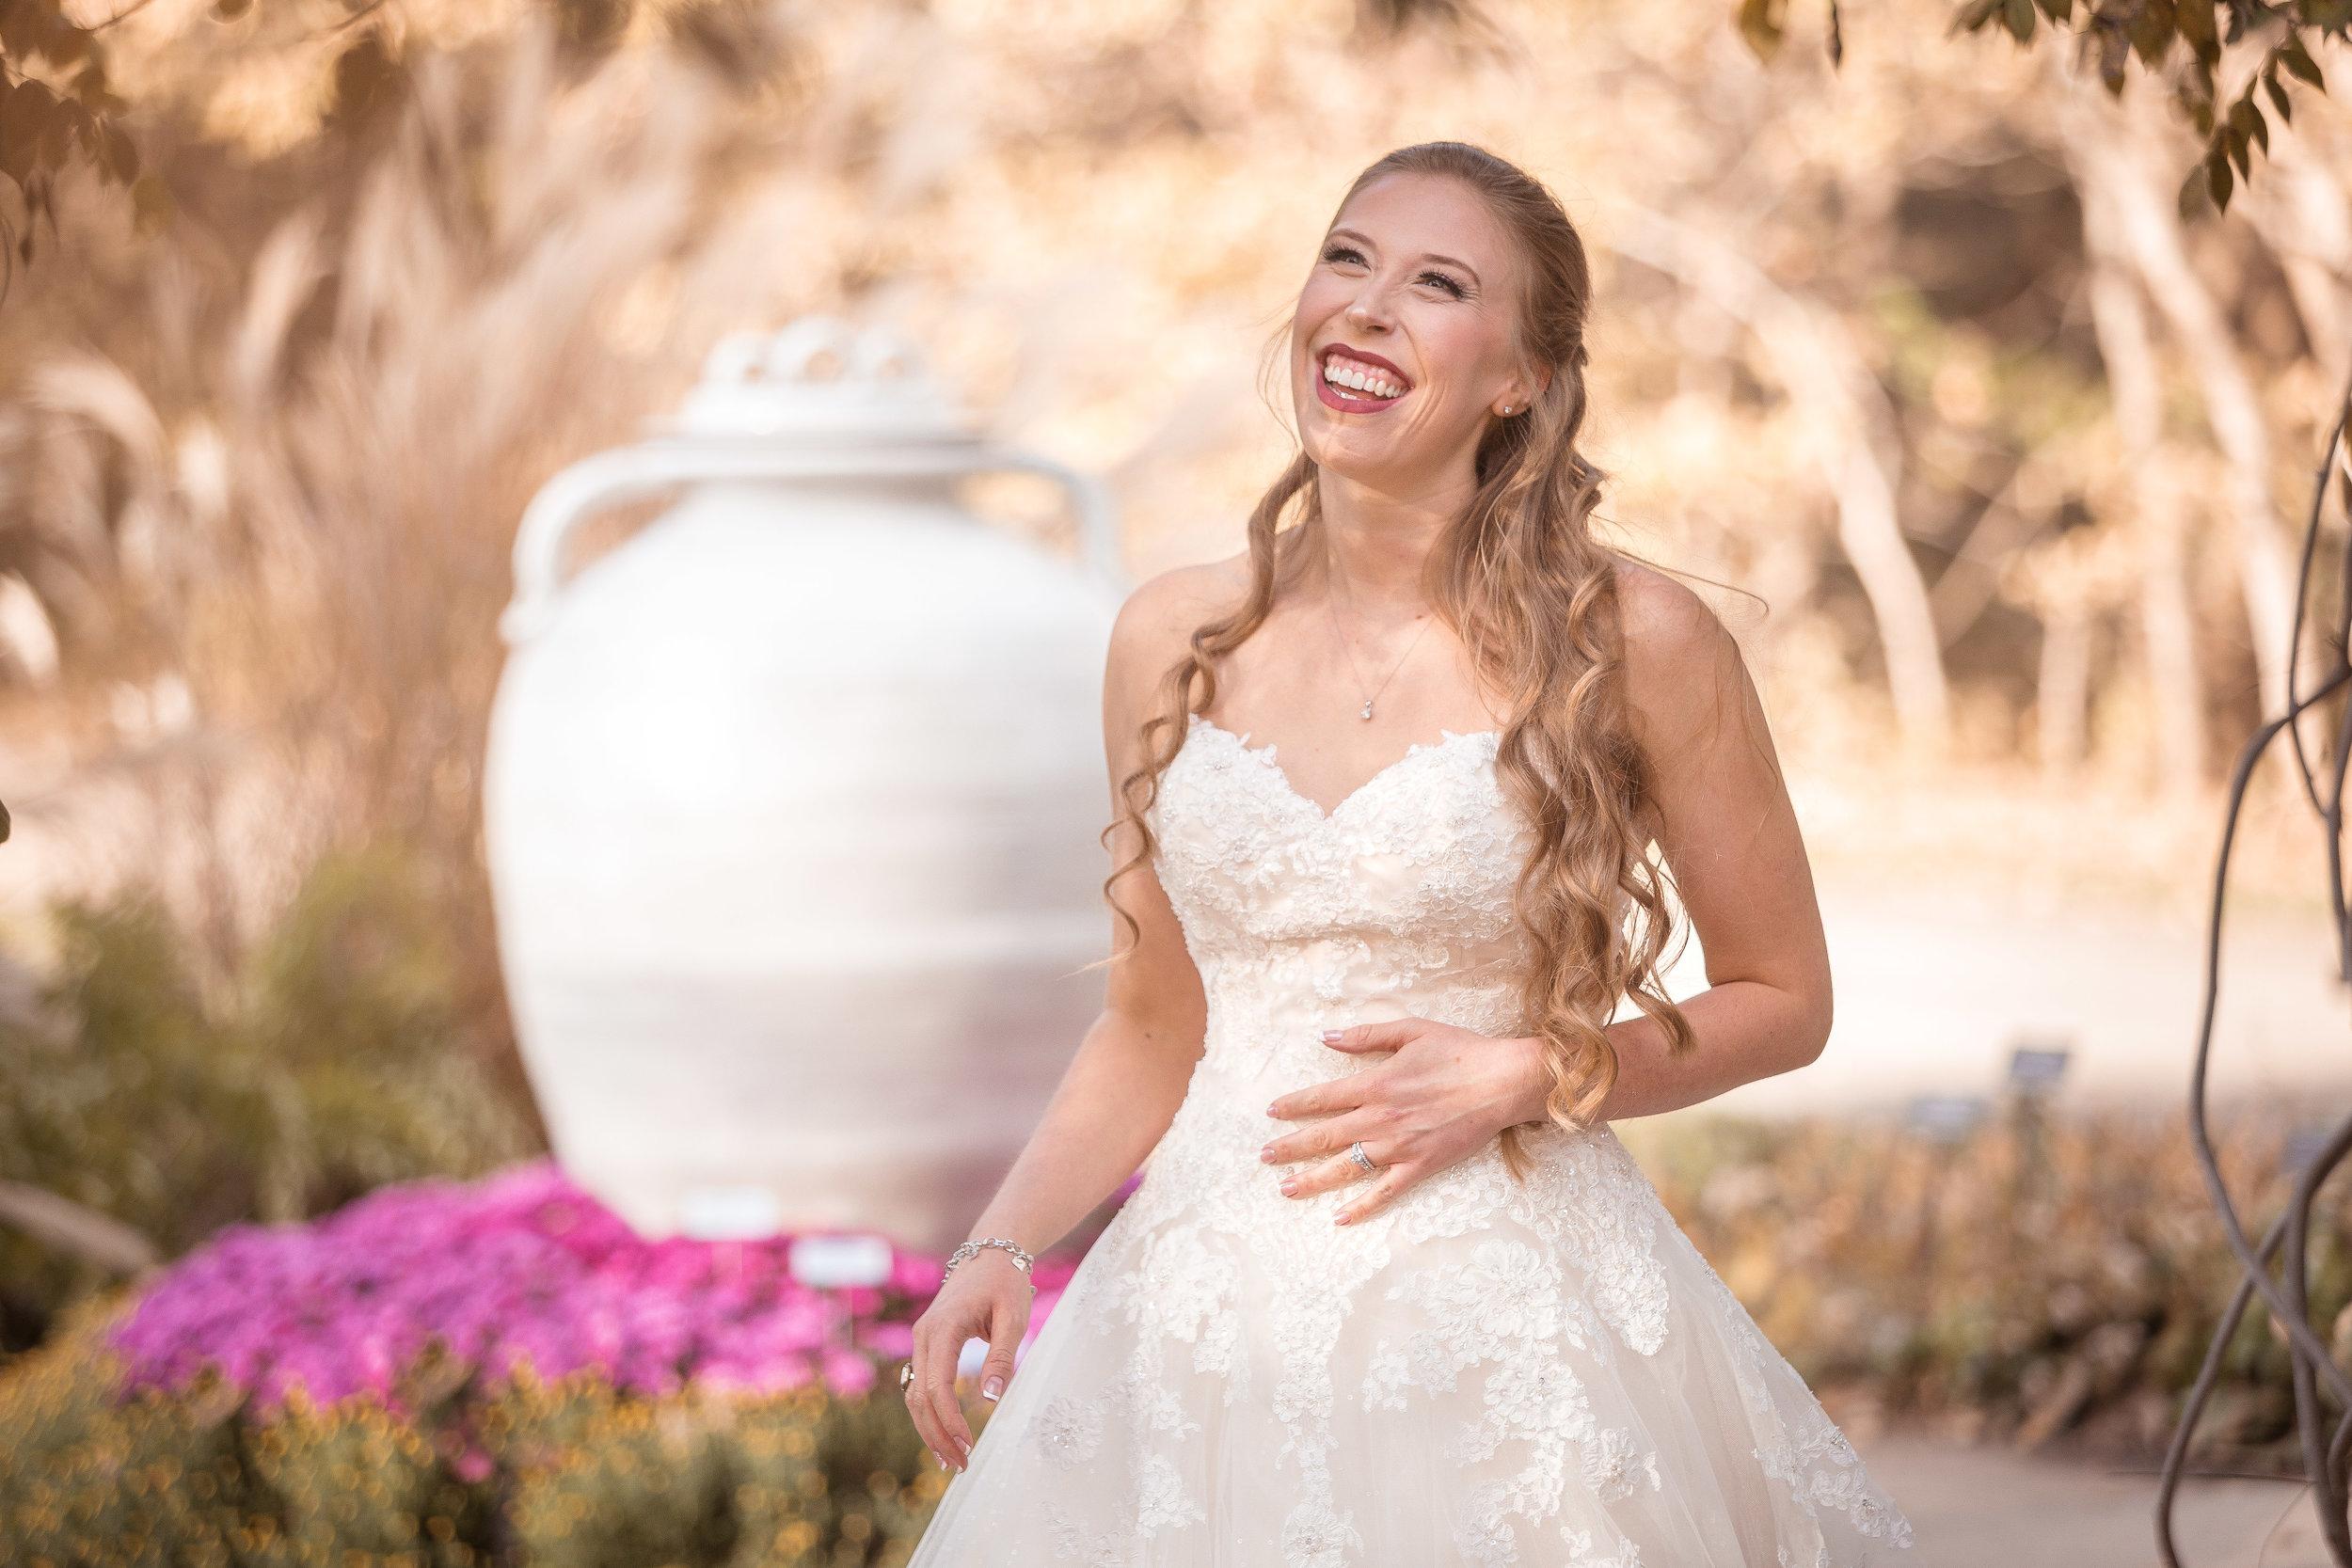 C_Wedding_Spellman, Megan & Tyler_10.27.18-583.JPG